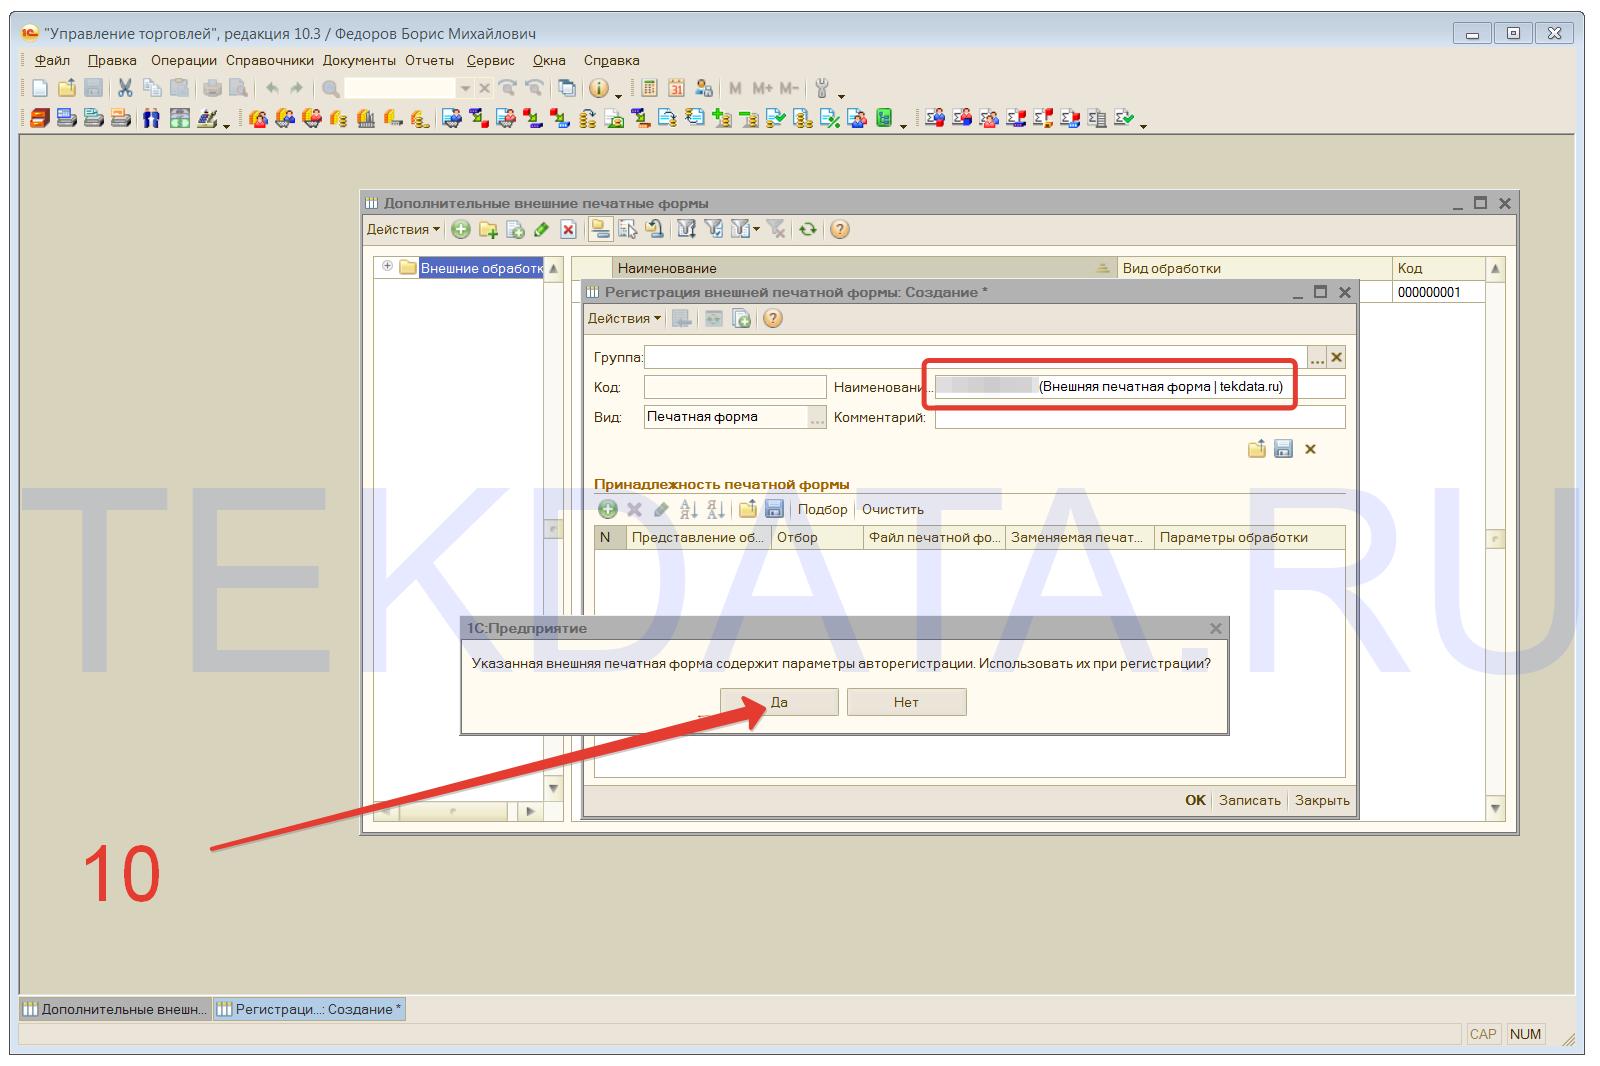 Подключение внешней печатной формы 1С 8.2 (Действия 10) | tekdata.ru